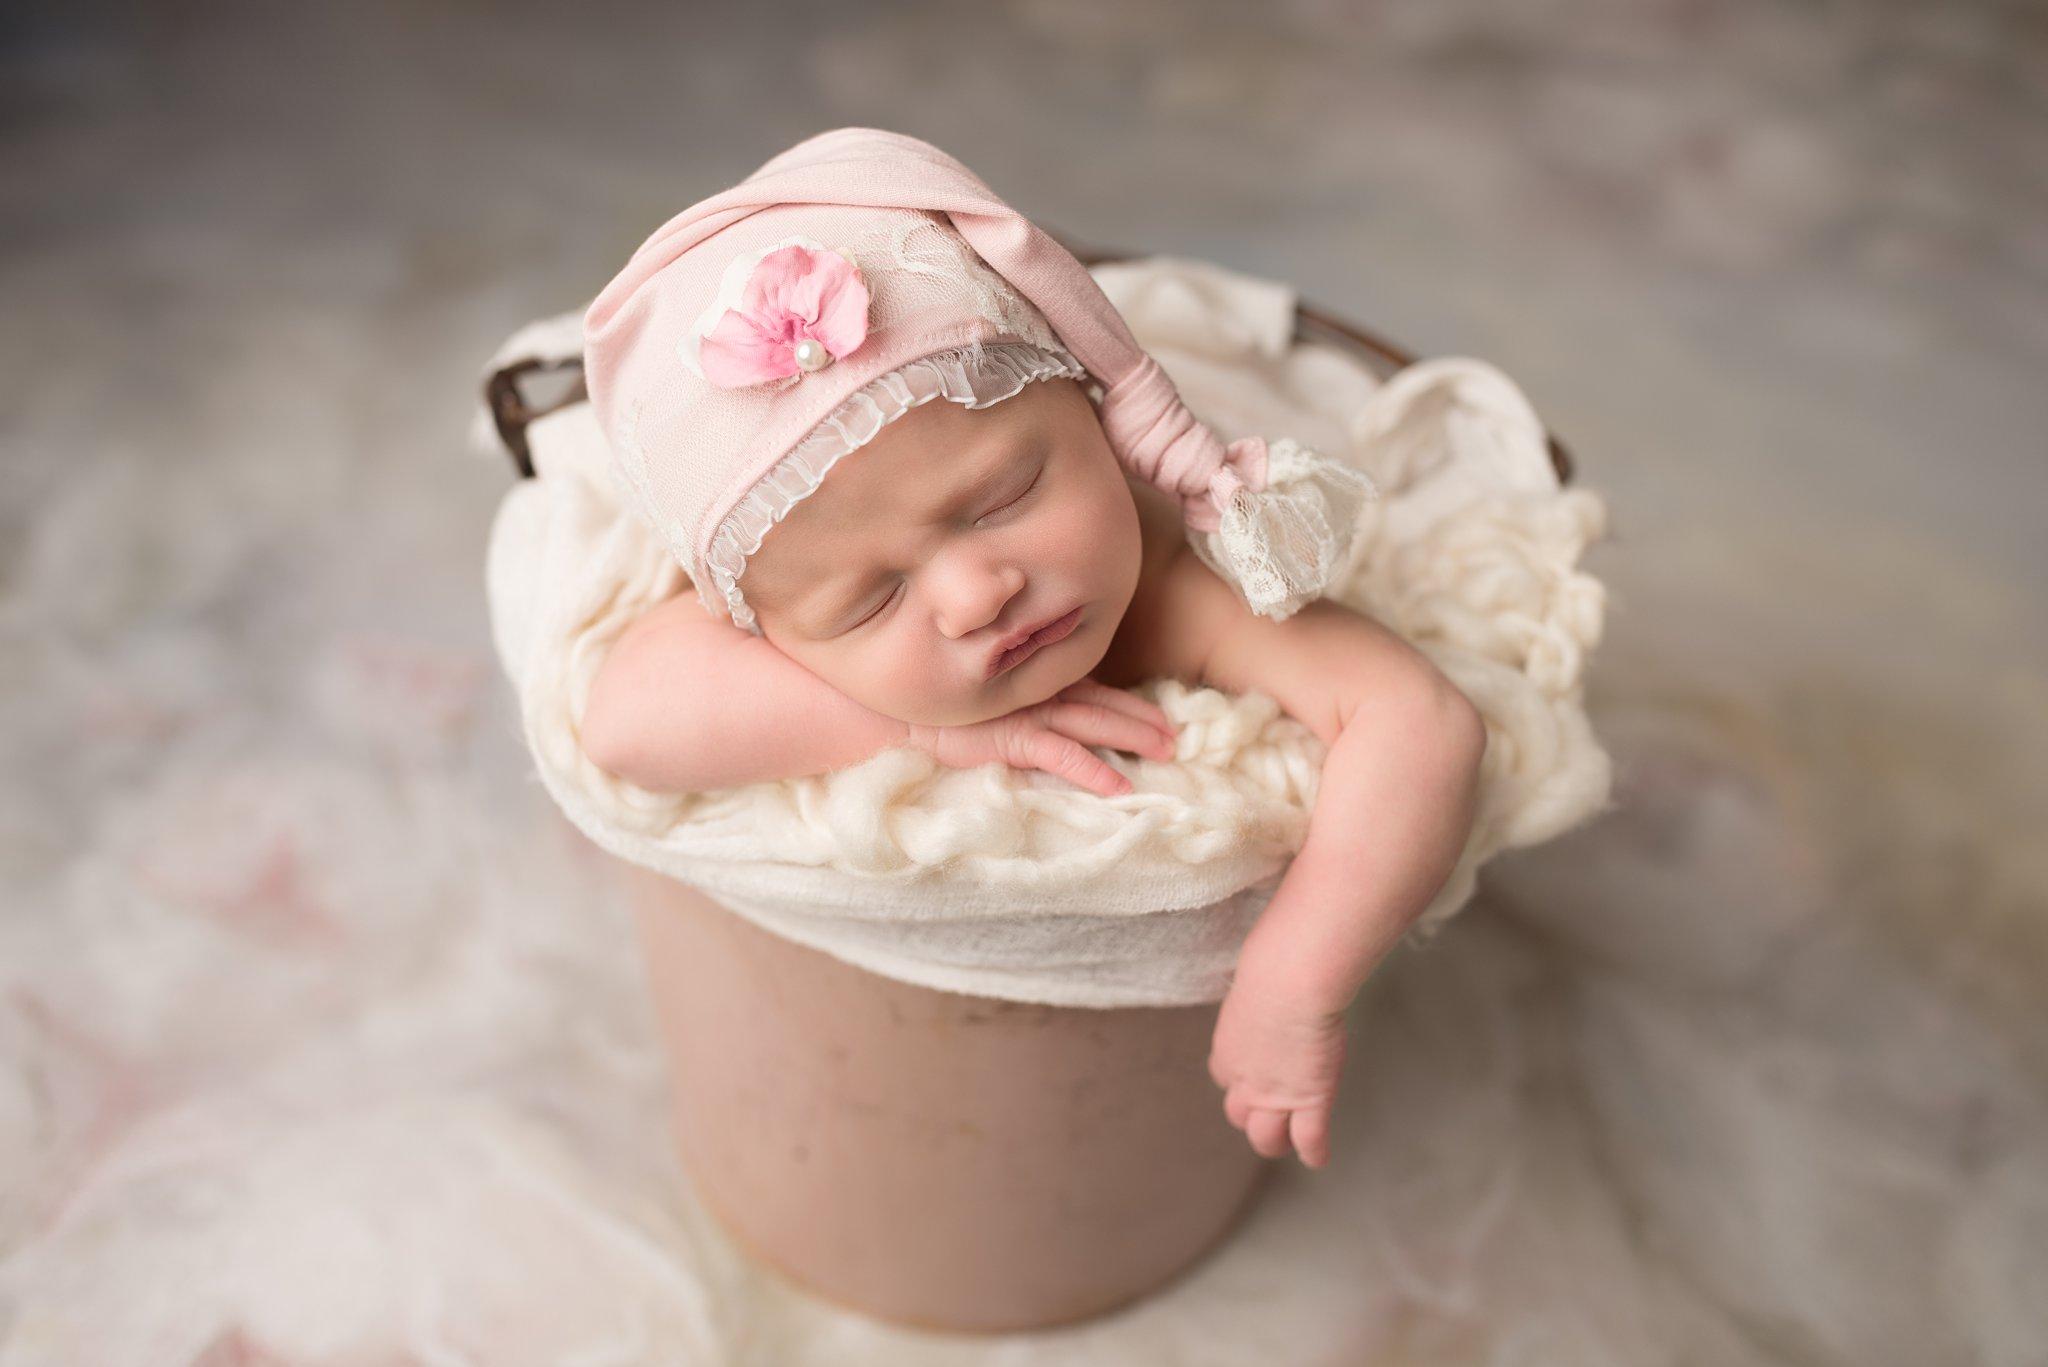 newbornphotographer-columbusohio_0043.jpg